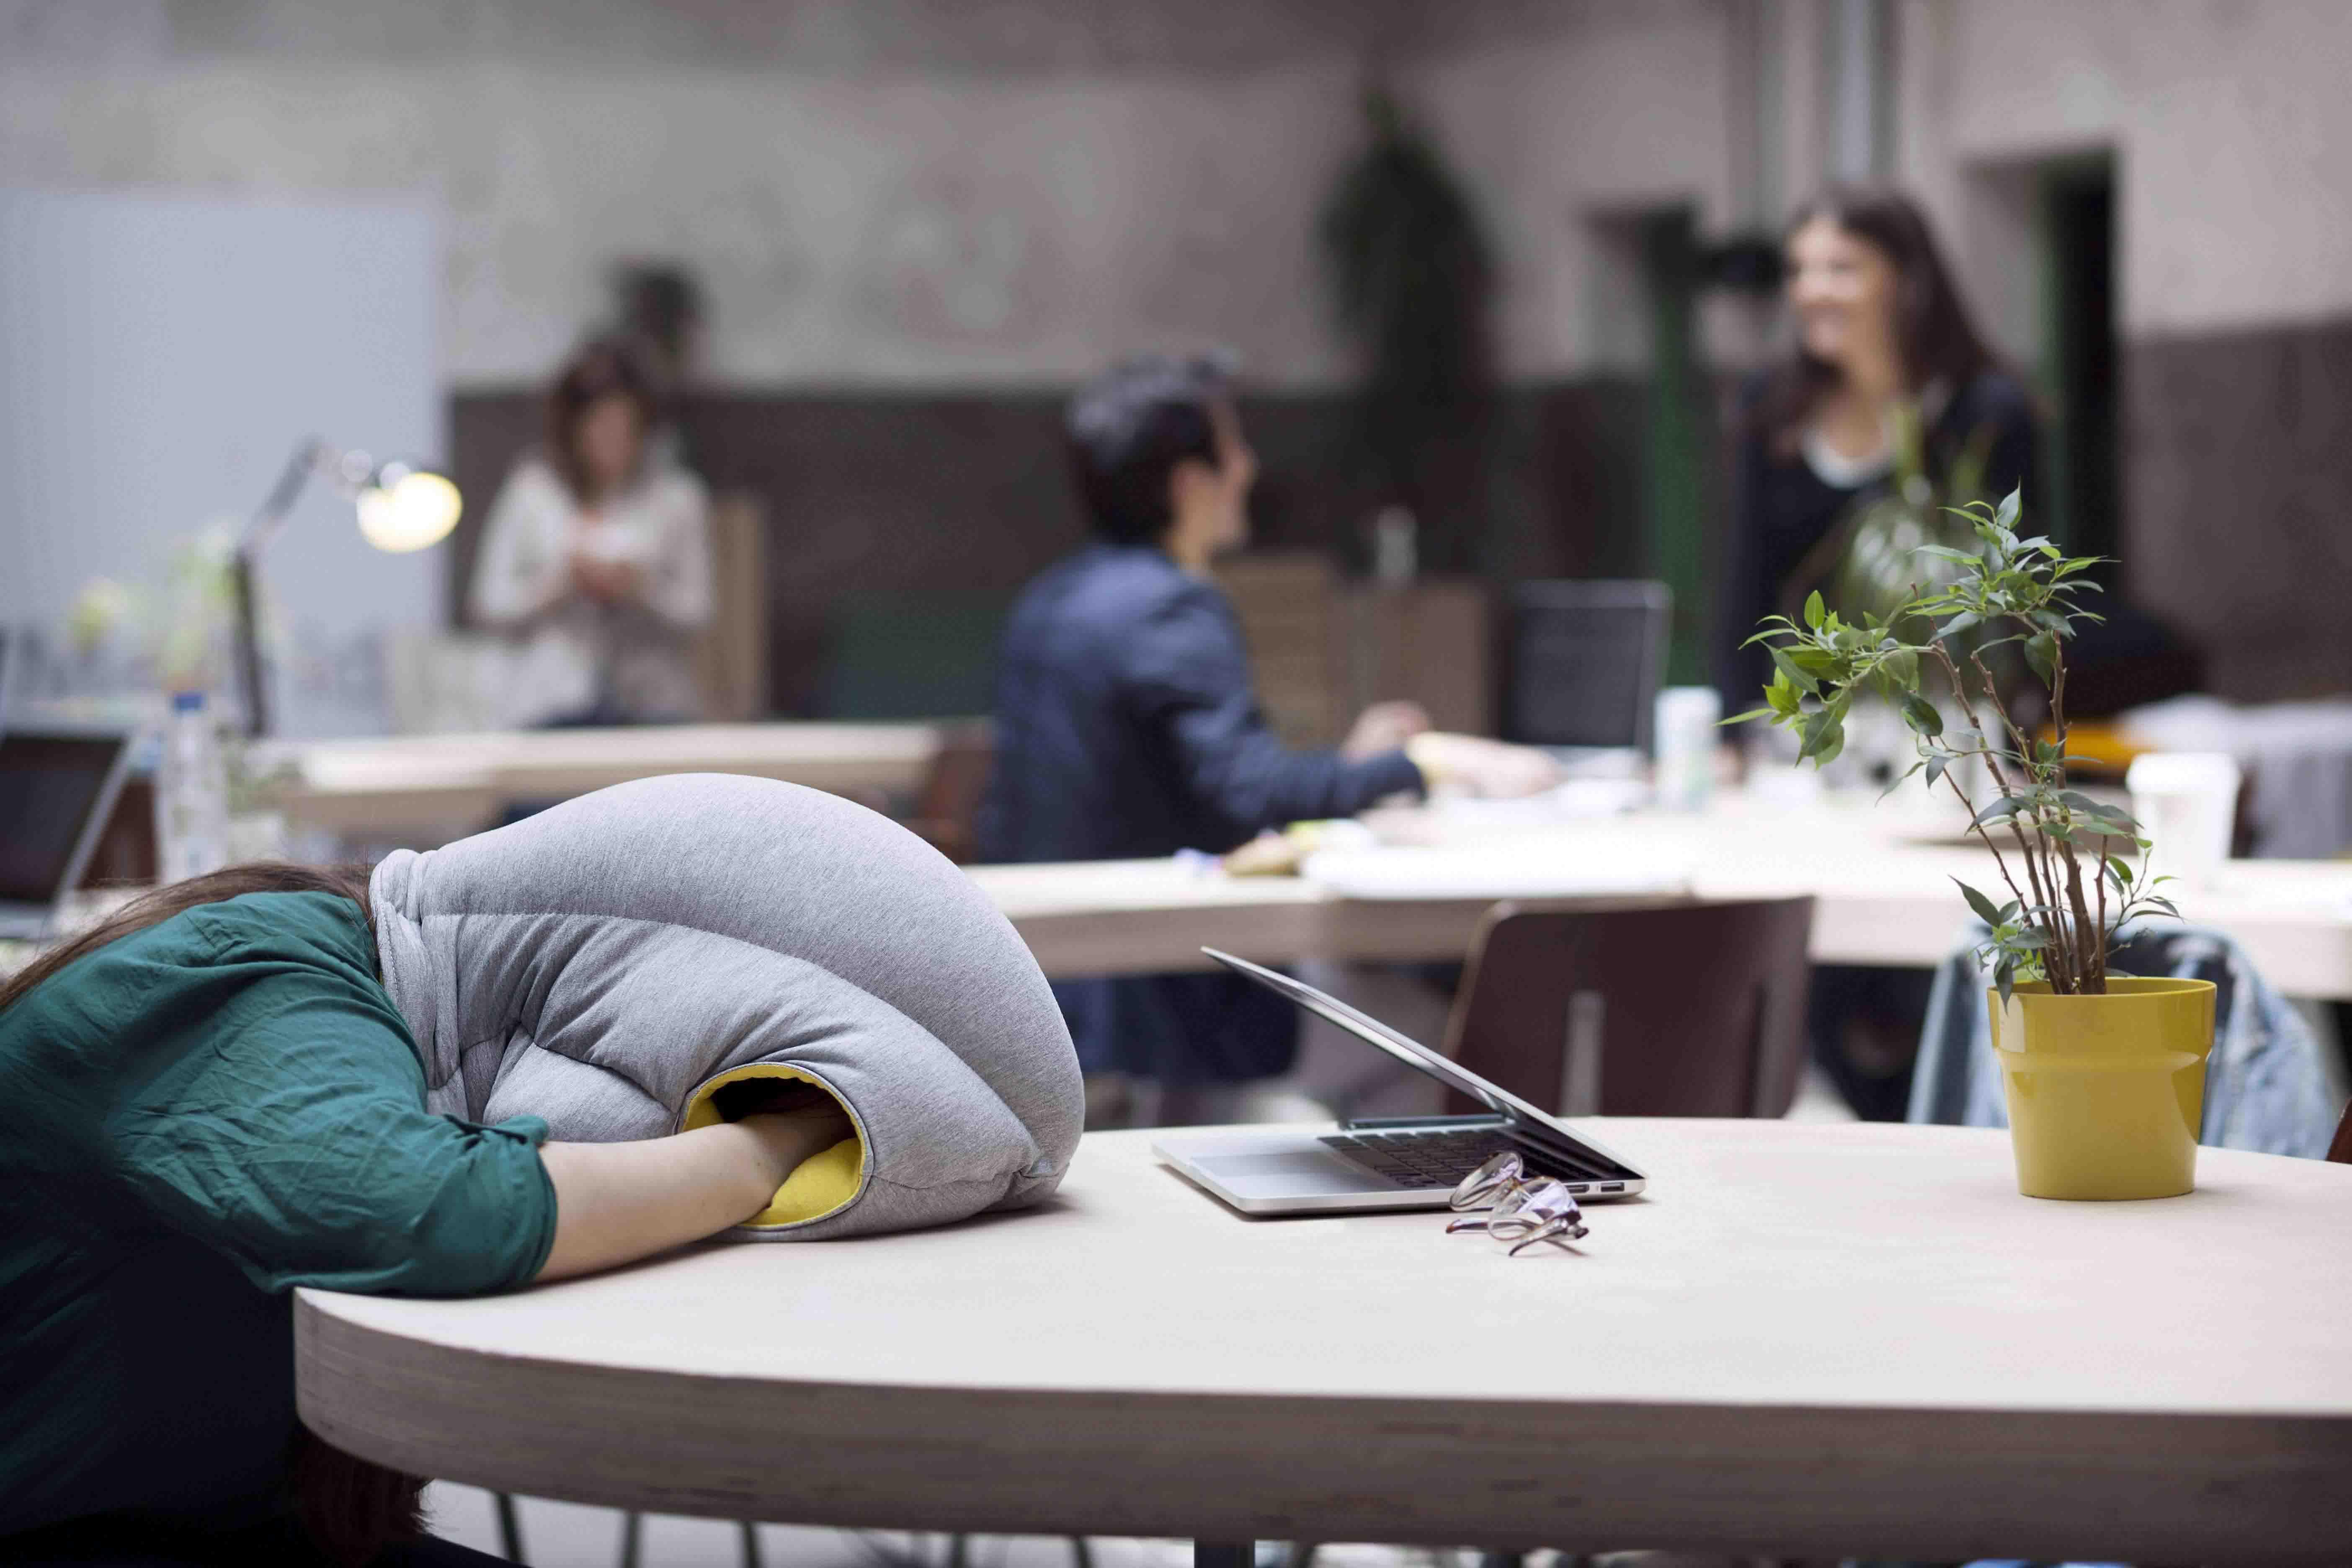 OSTRICH PILLOW girl sleeping on her desk